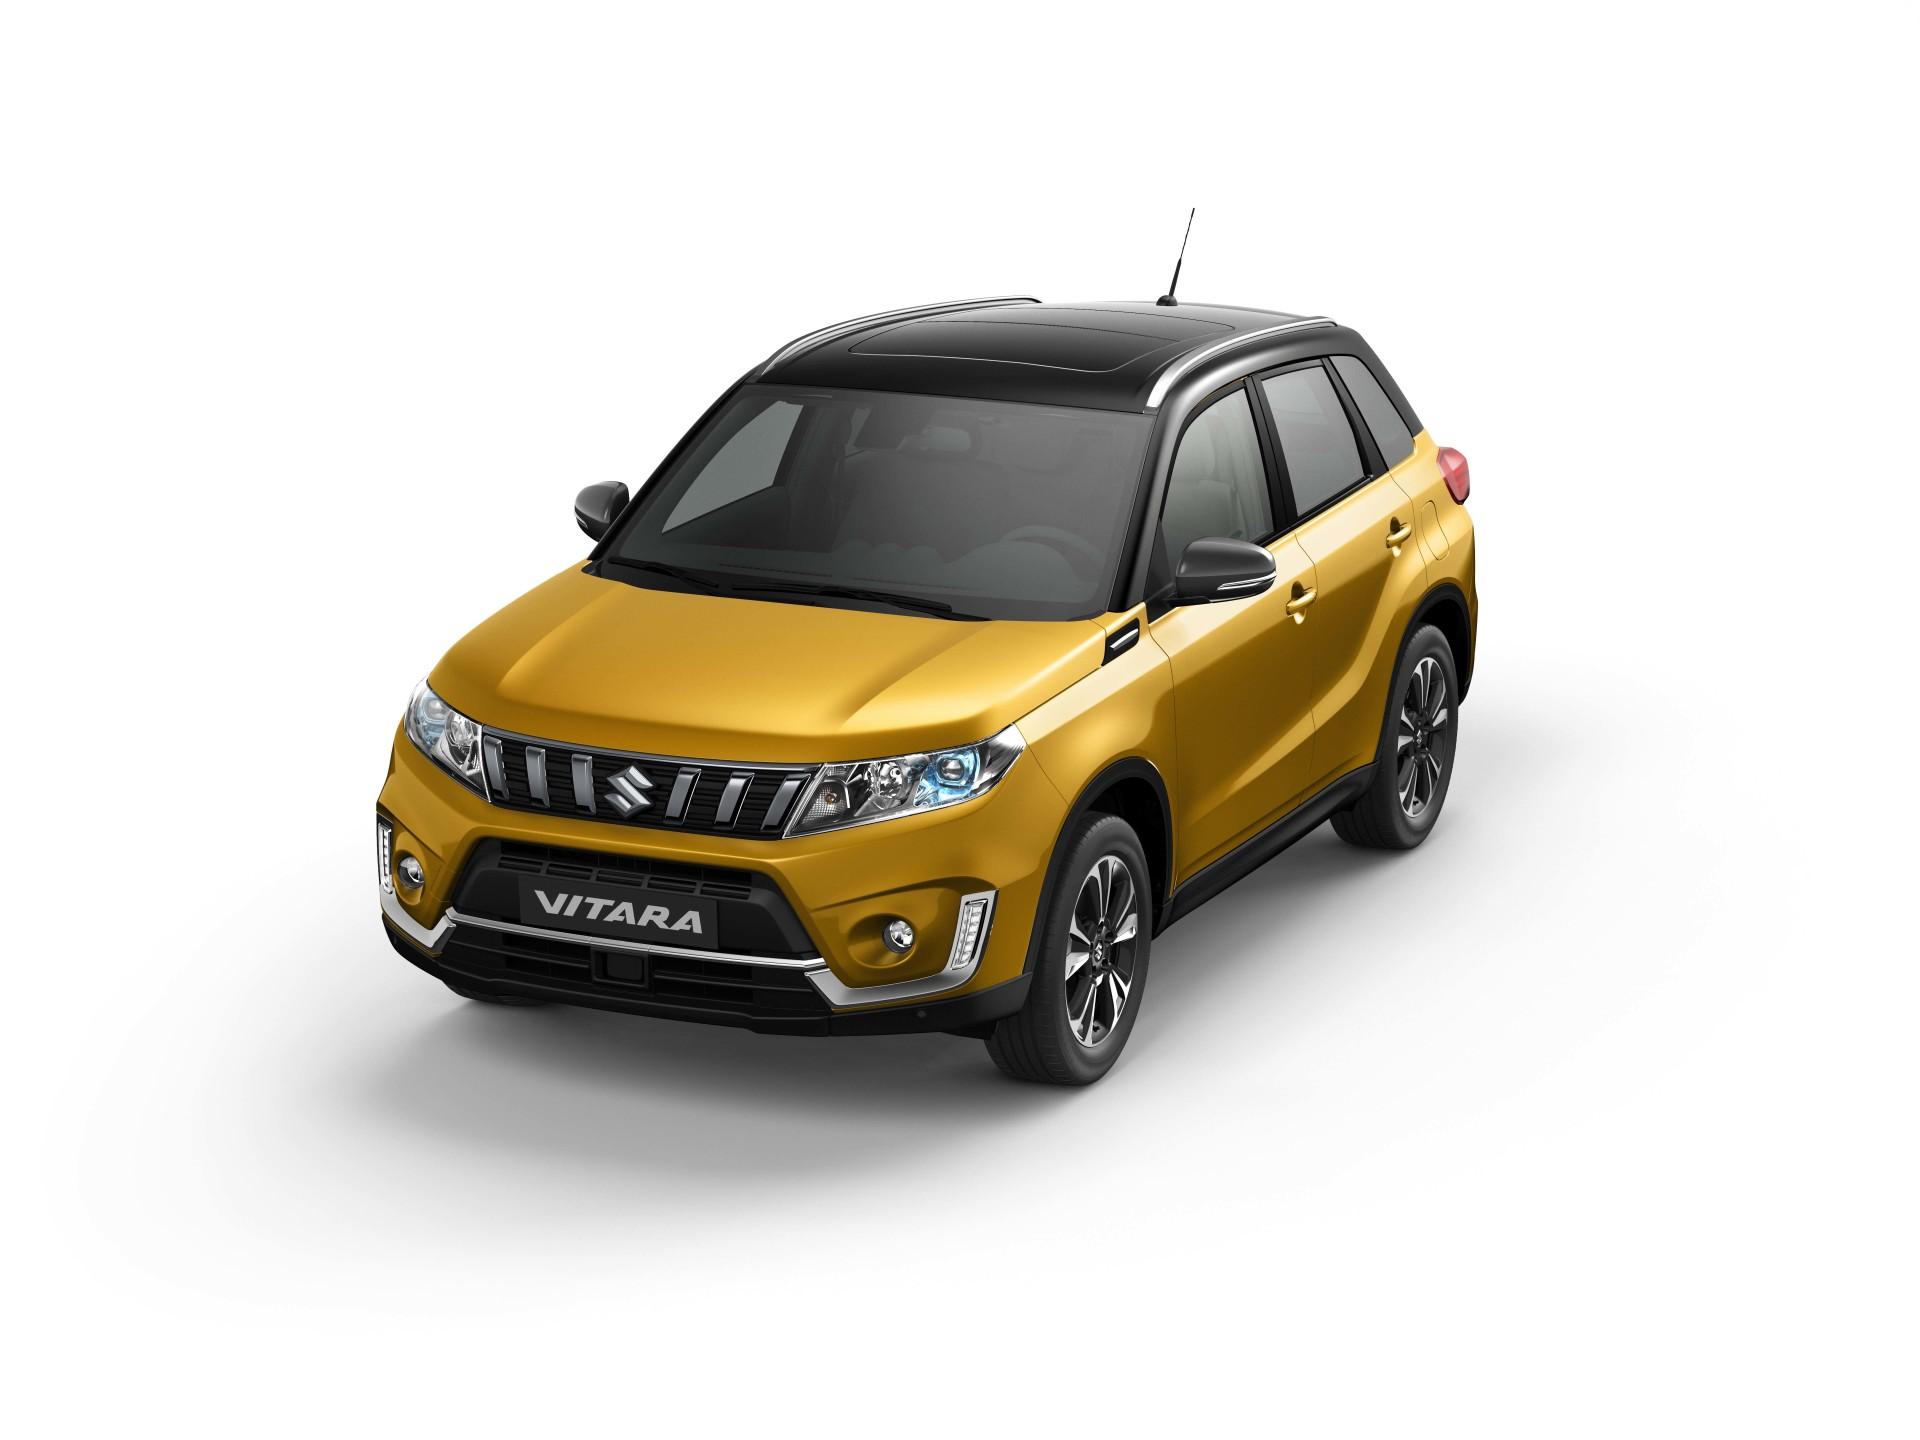 Suzuki Vitara 2018 503